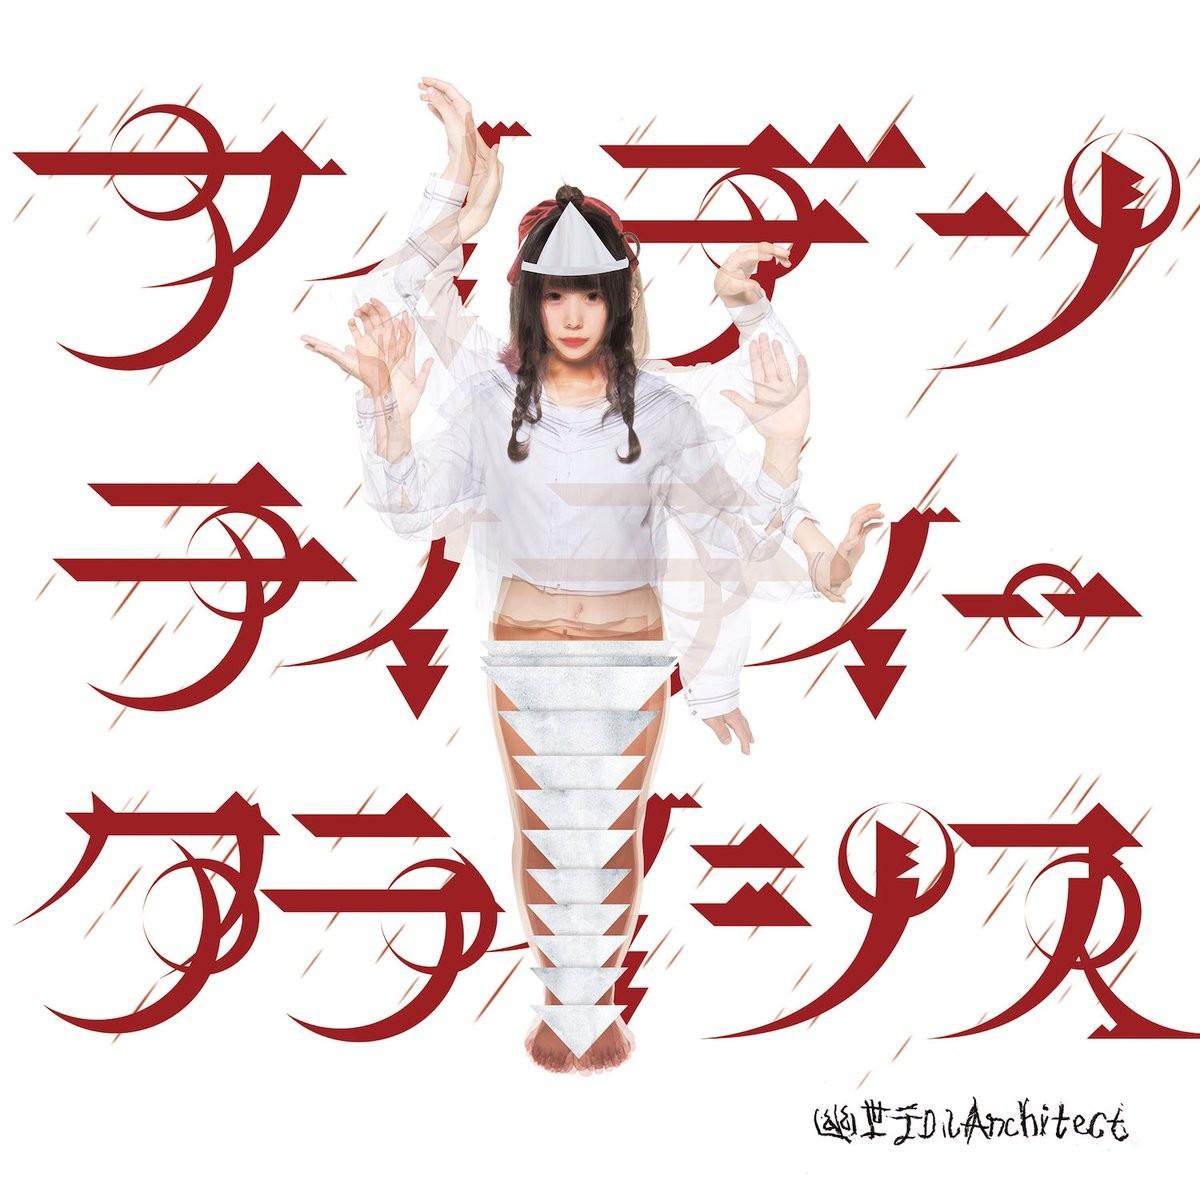 幽世テロルArchitect (Kaqriyo Terror Architect) – アイデンティティークライシス (Identity Crisis) [MP3 320 / CD] [2018.10.24]